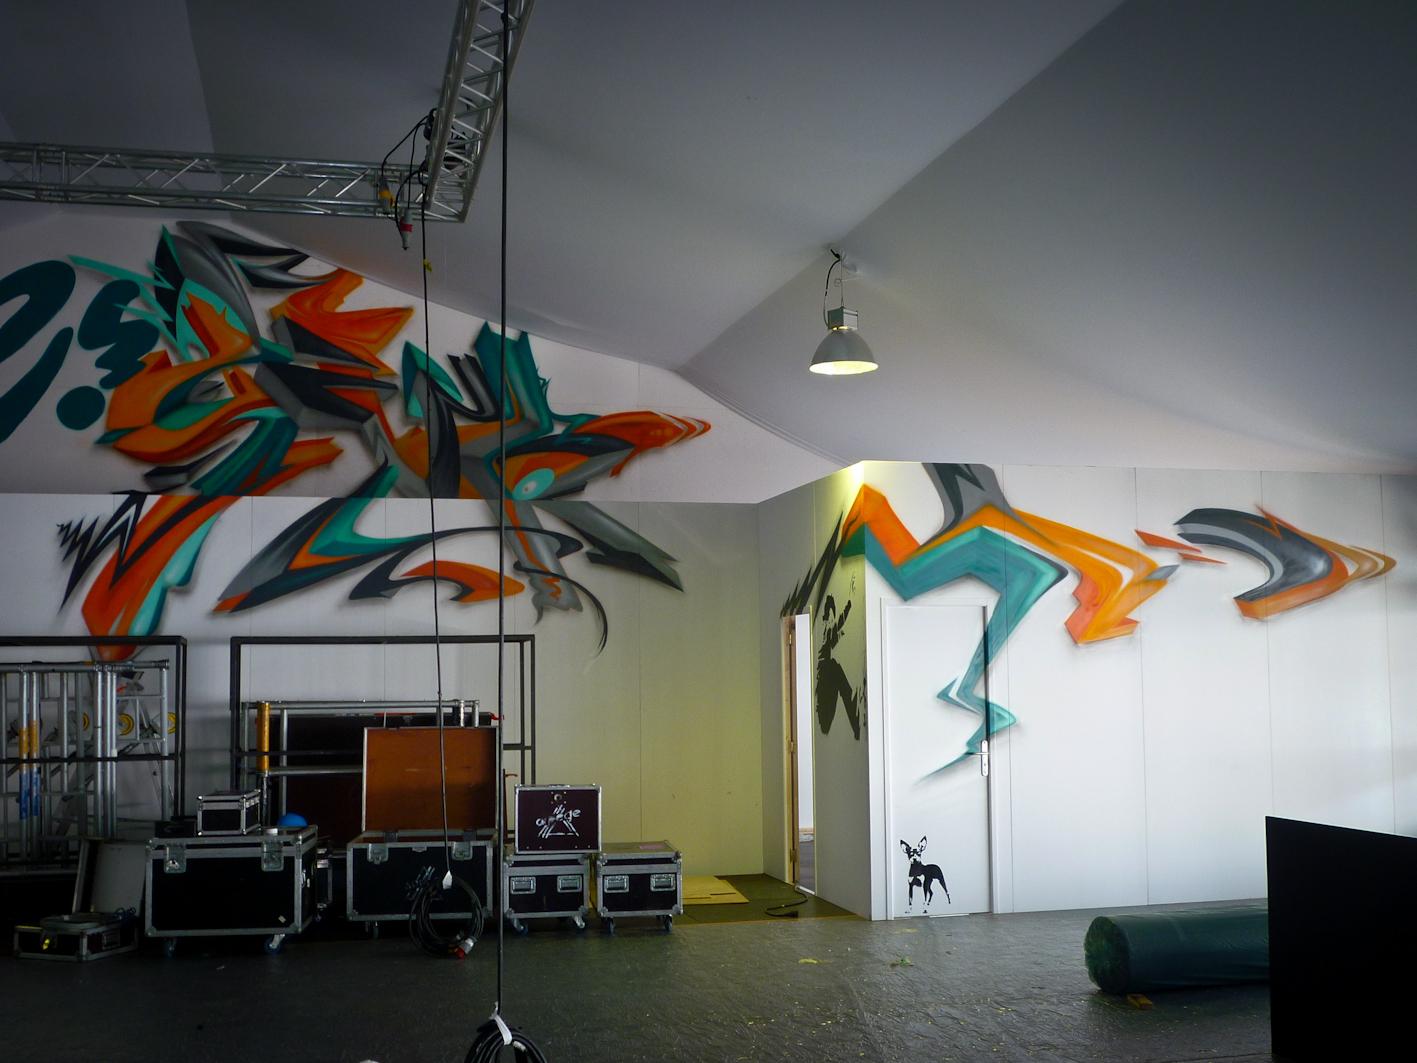 Graffiti street art décoration intérieur sur une façade en bois lettrage 3d zert participation